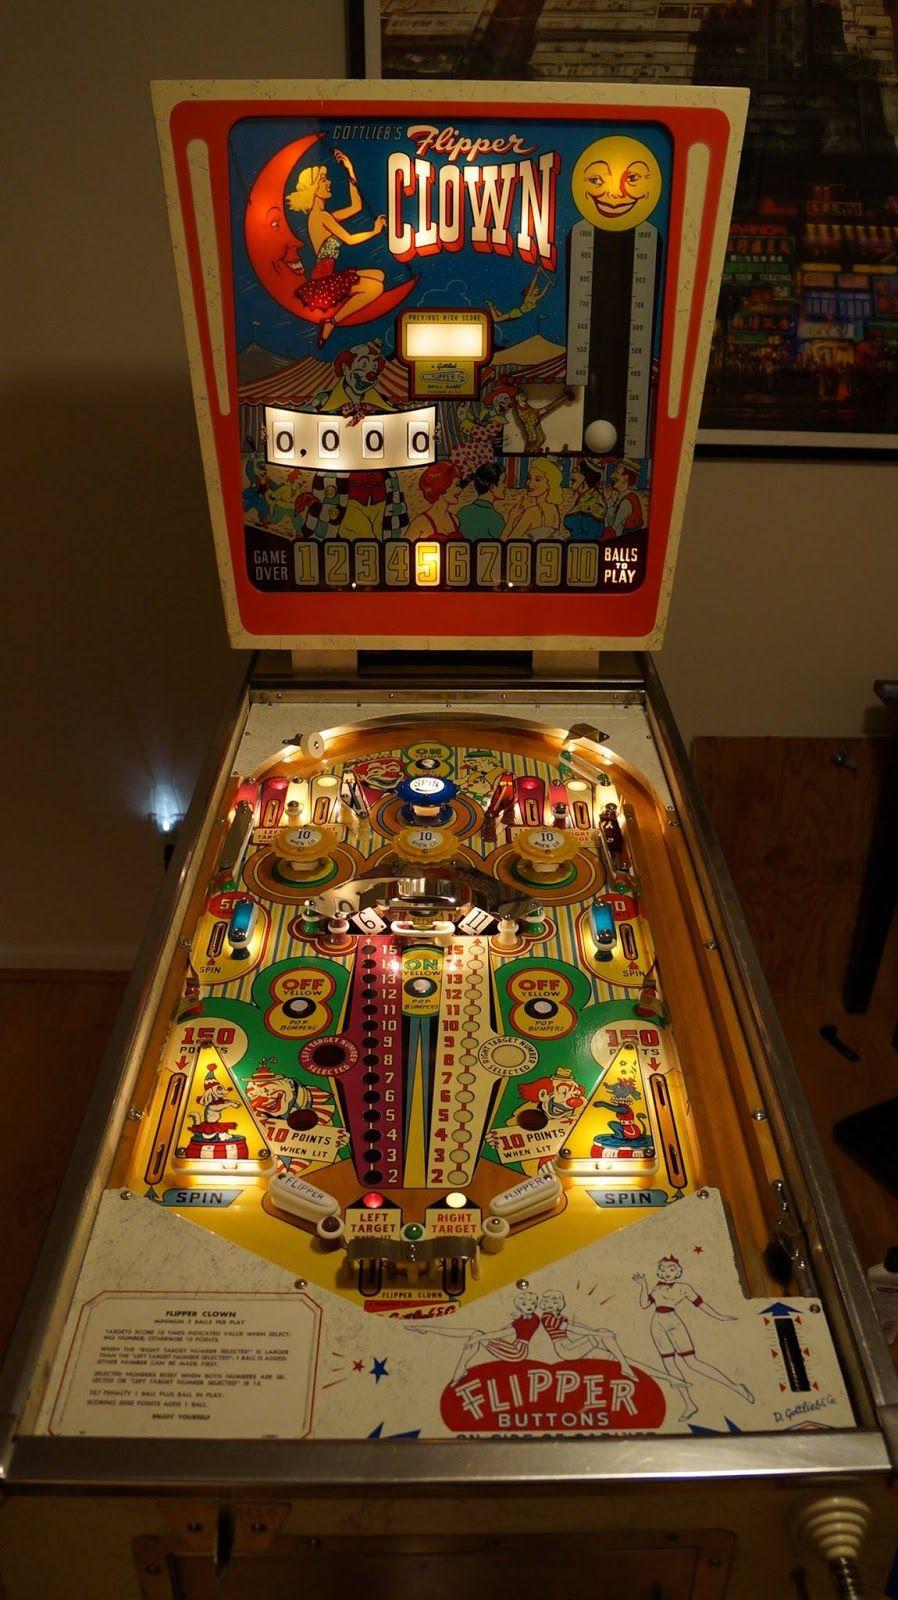 The Flash Slot Machine